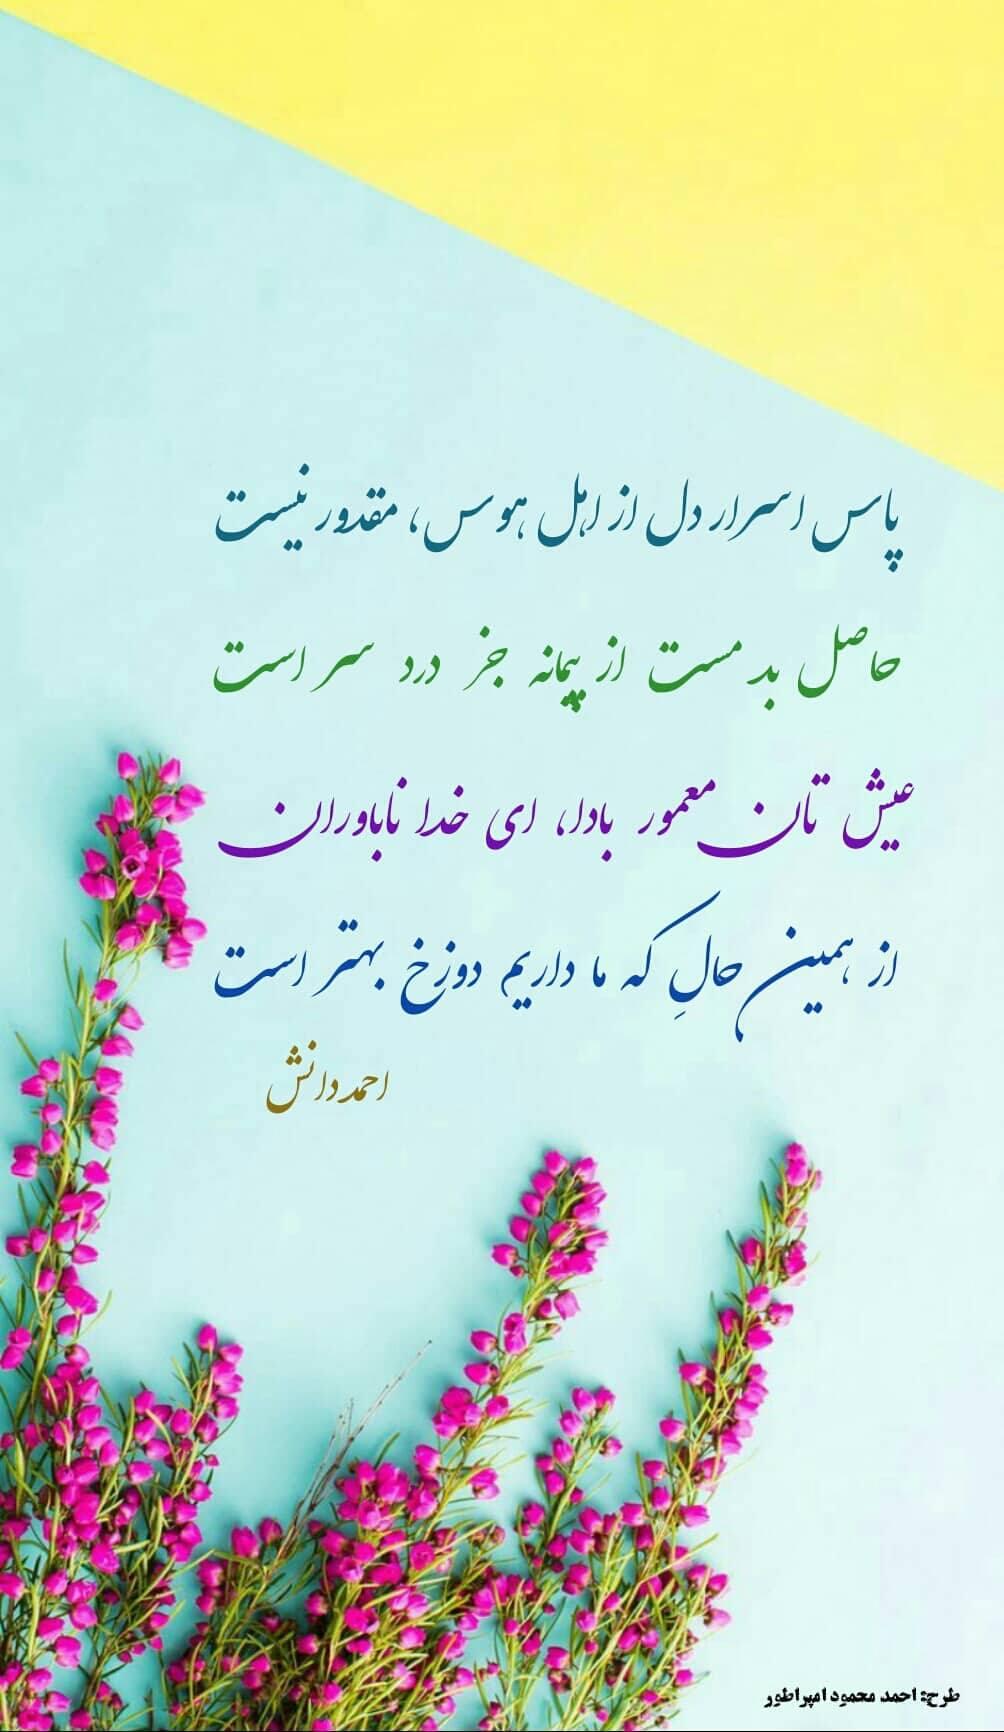 پاس اسرار دل از اهل هوس, مقدور نیست حاصل بد مست از پیمانه جز درد سر است عیــش تان معمــــور بادا,ای خـدا ناباوران ! از همین حالِ که ما داریم ,دوزخ بهتر است دانش وبلاگ احمد دانش دانش شاعر زیبا کلام و توانا